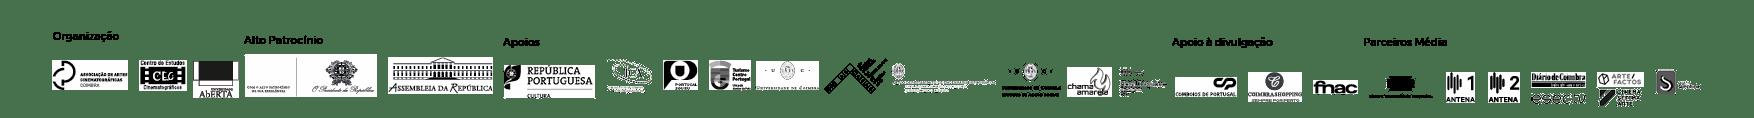 Cinemalogia A3 Barra Logos 2018 1